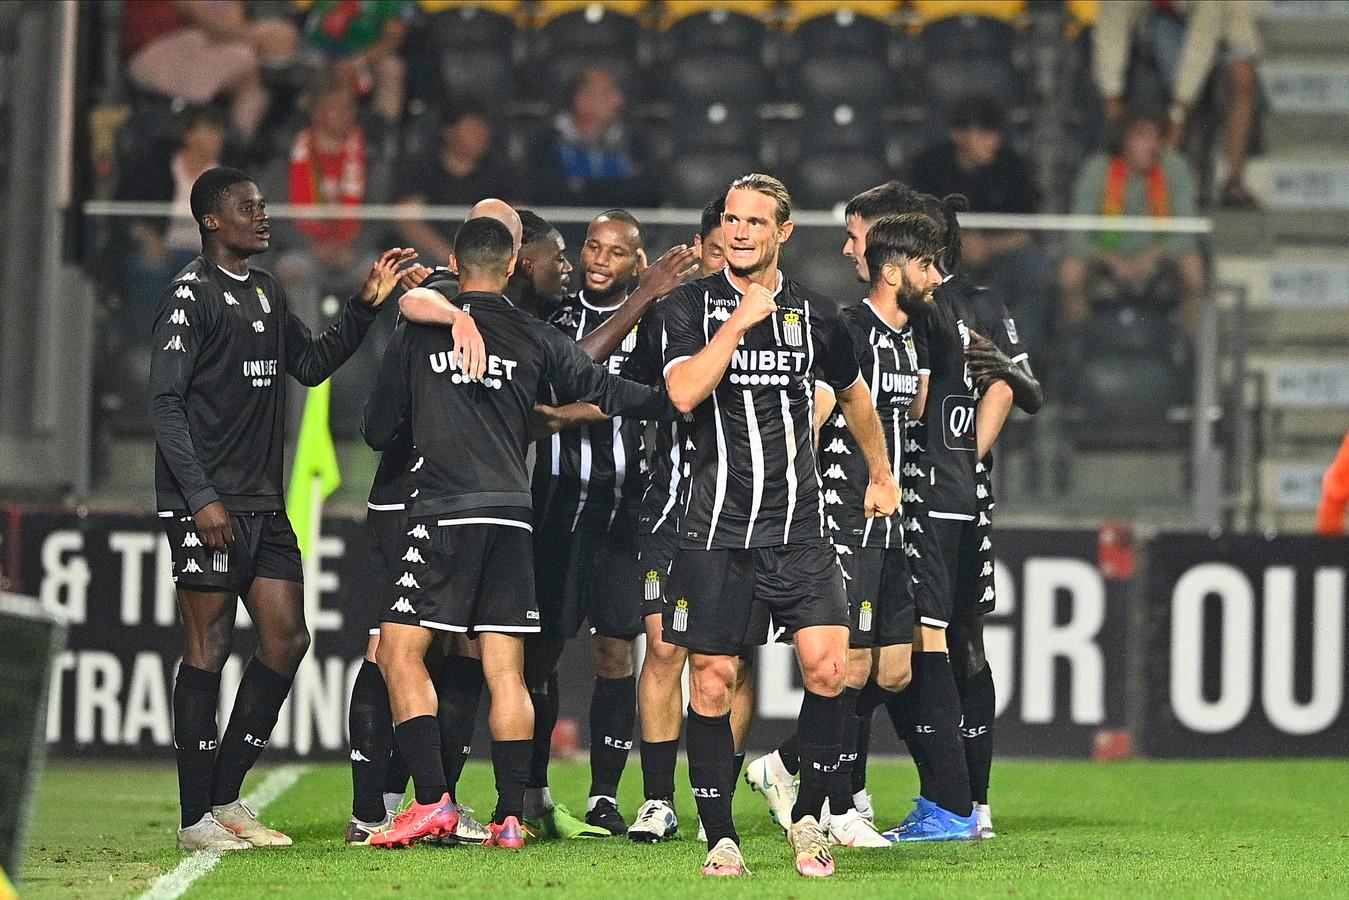 Joris Kayembe, défenseur de Charleroi, célèbre son but avec ses coéquipiers lors du match de Jupiler Pro League entre le KV Oostende et le Sporting Charleroi le 24 juillet 2021 à Oostende.